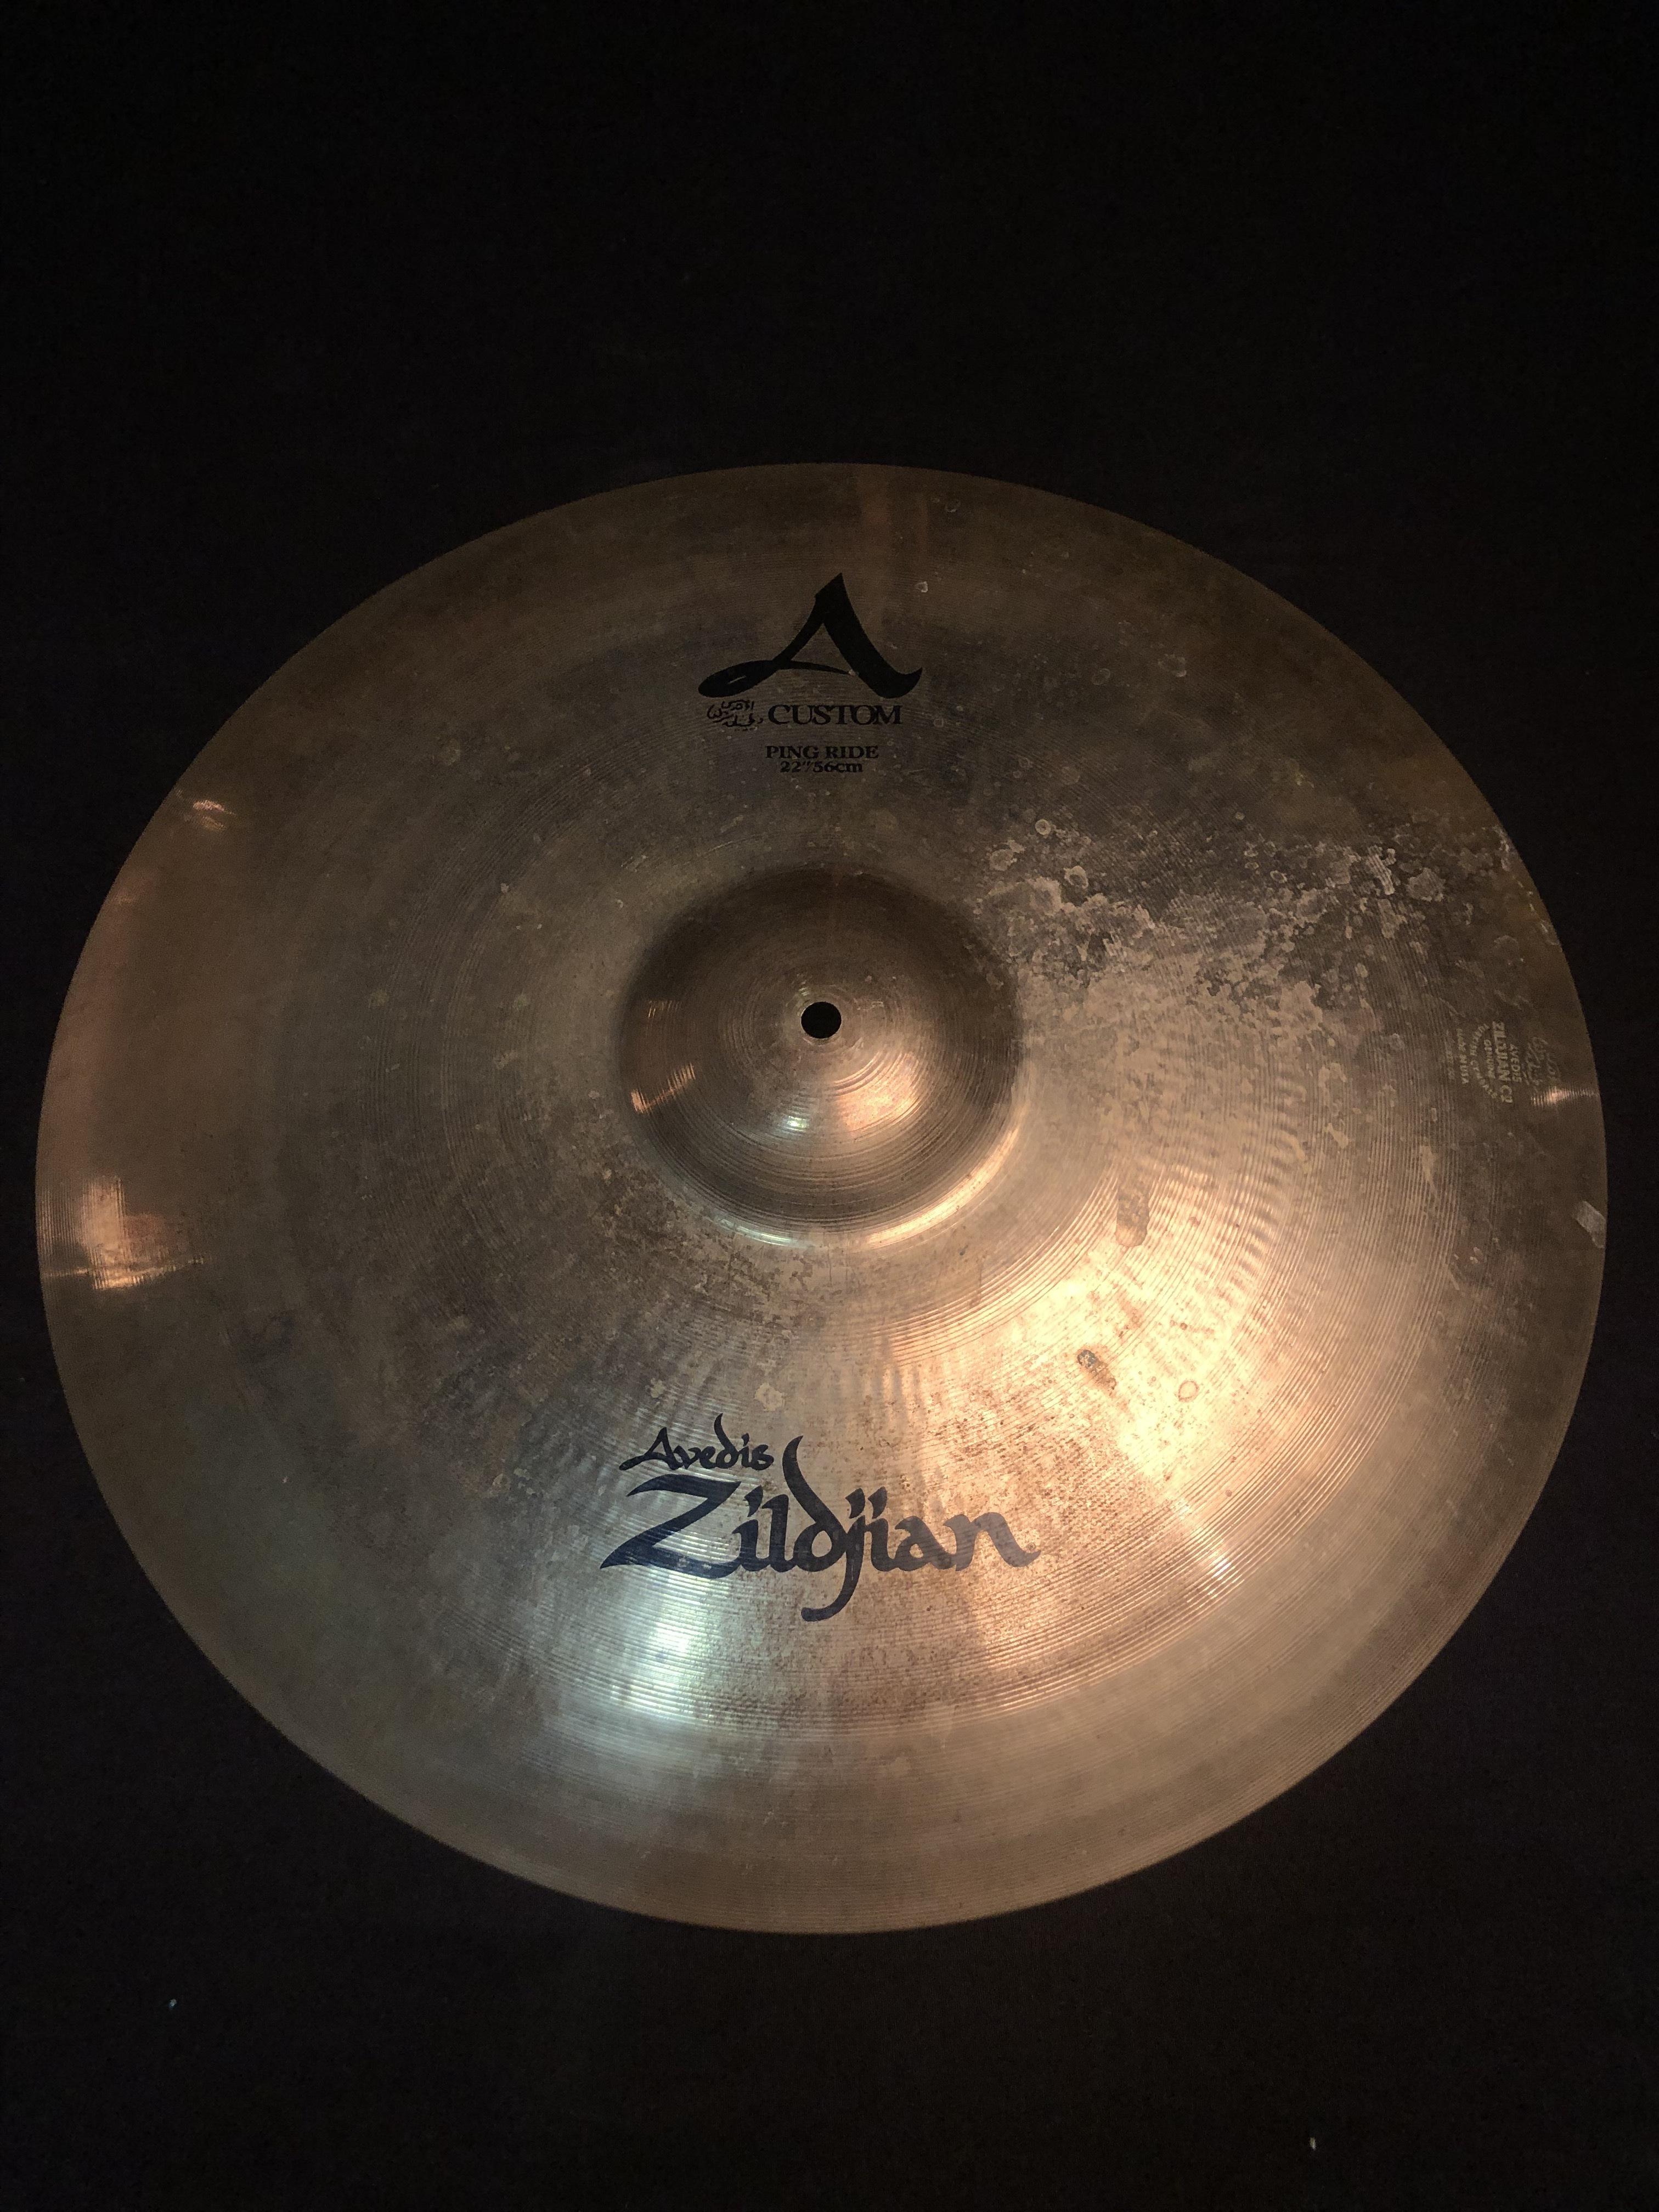 ZILDJIAN - A Custom Ping Ride Cymbal 22